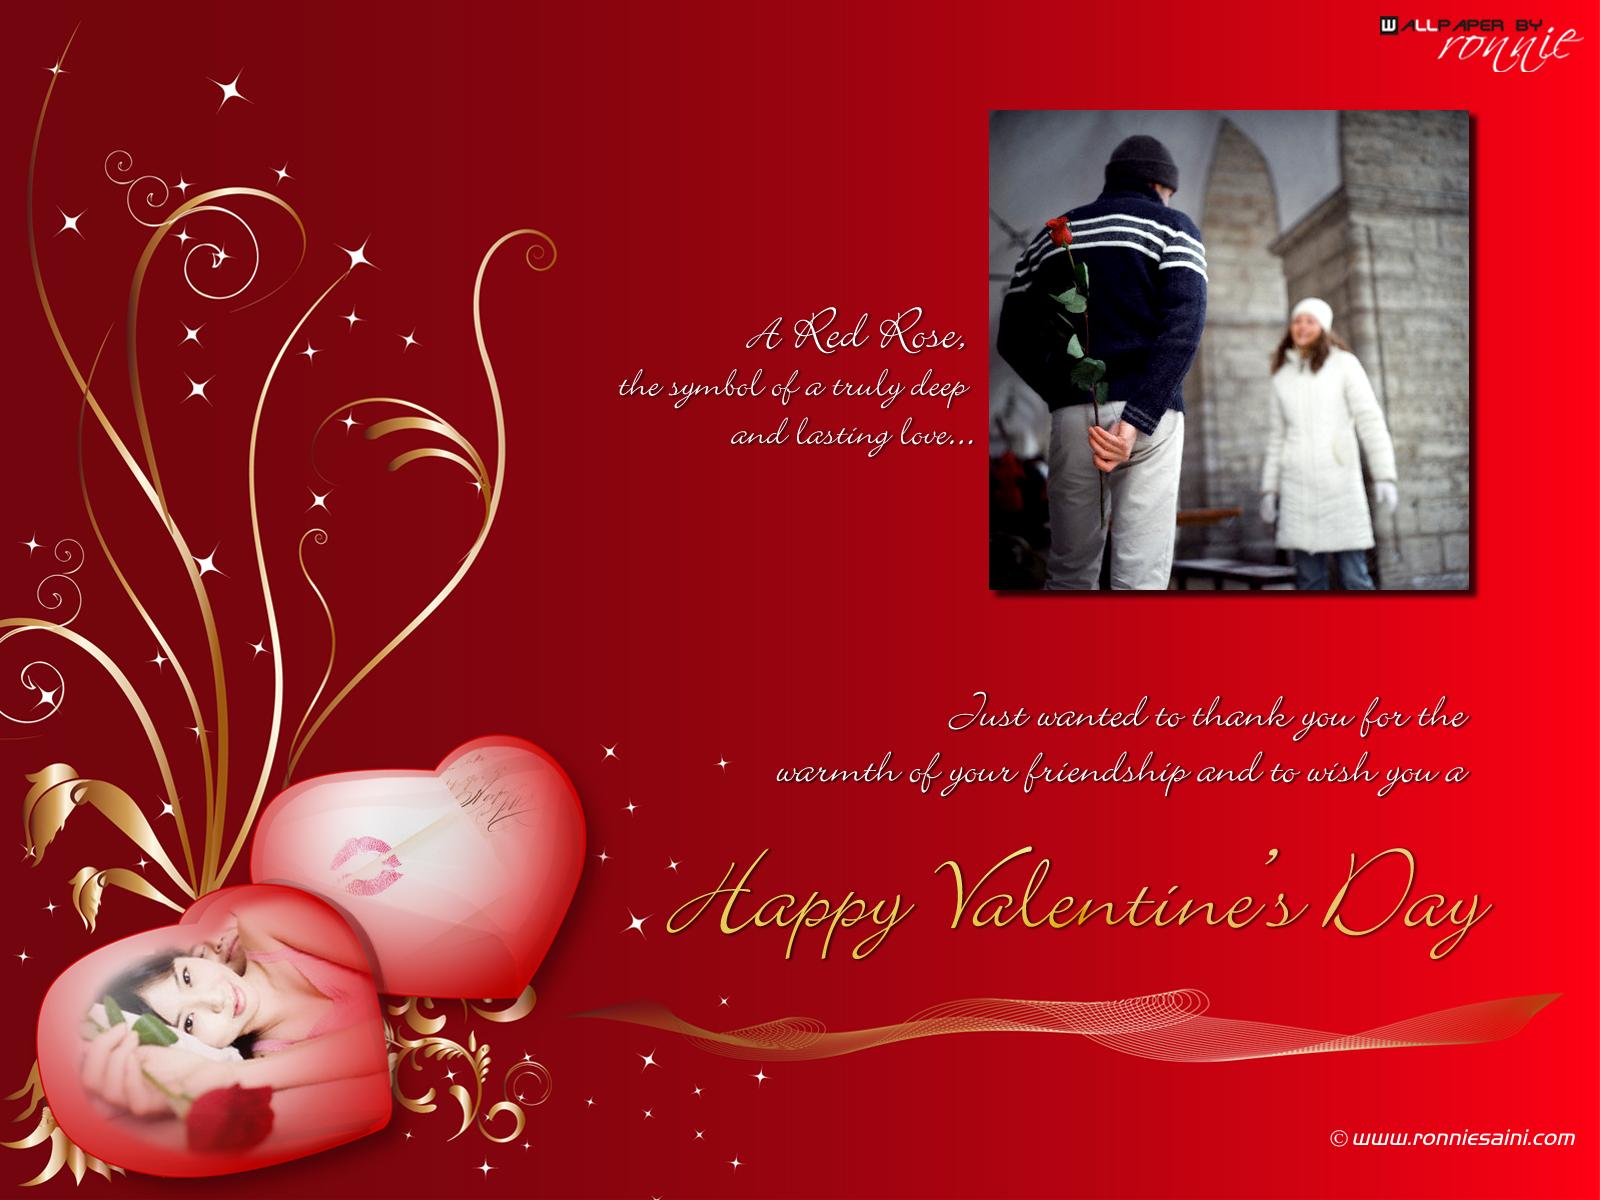 I Love U Wallpaper  valentines day wallpaper hd